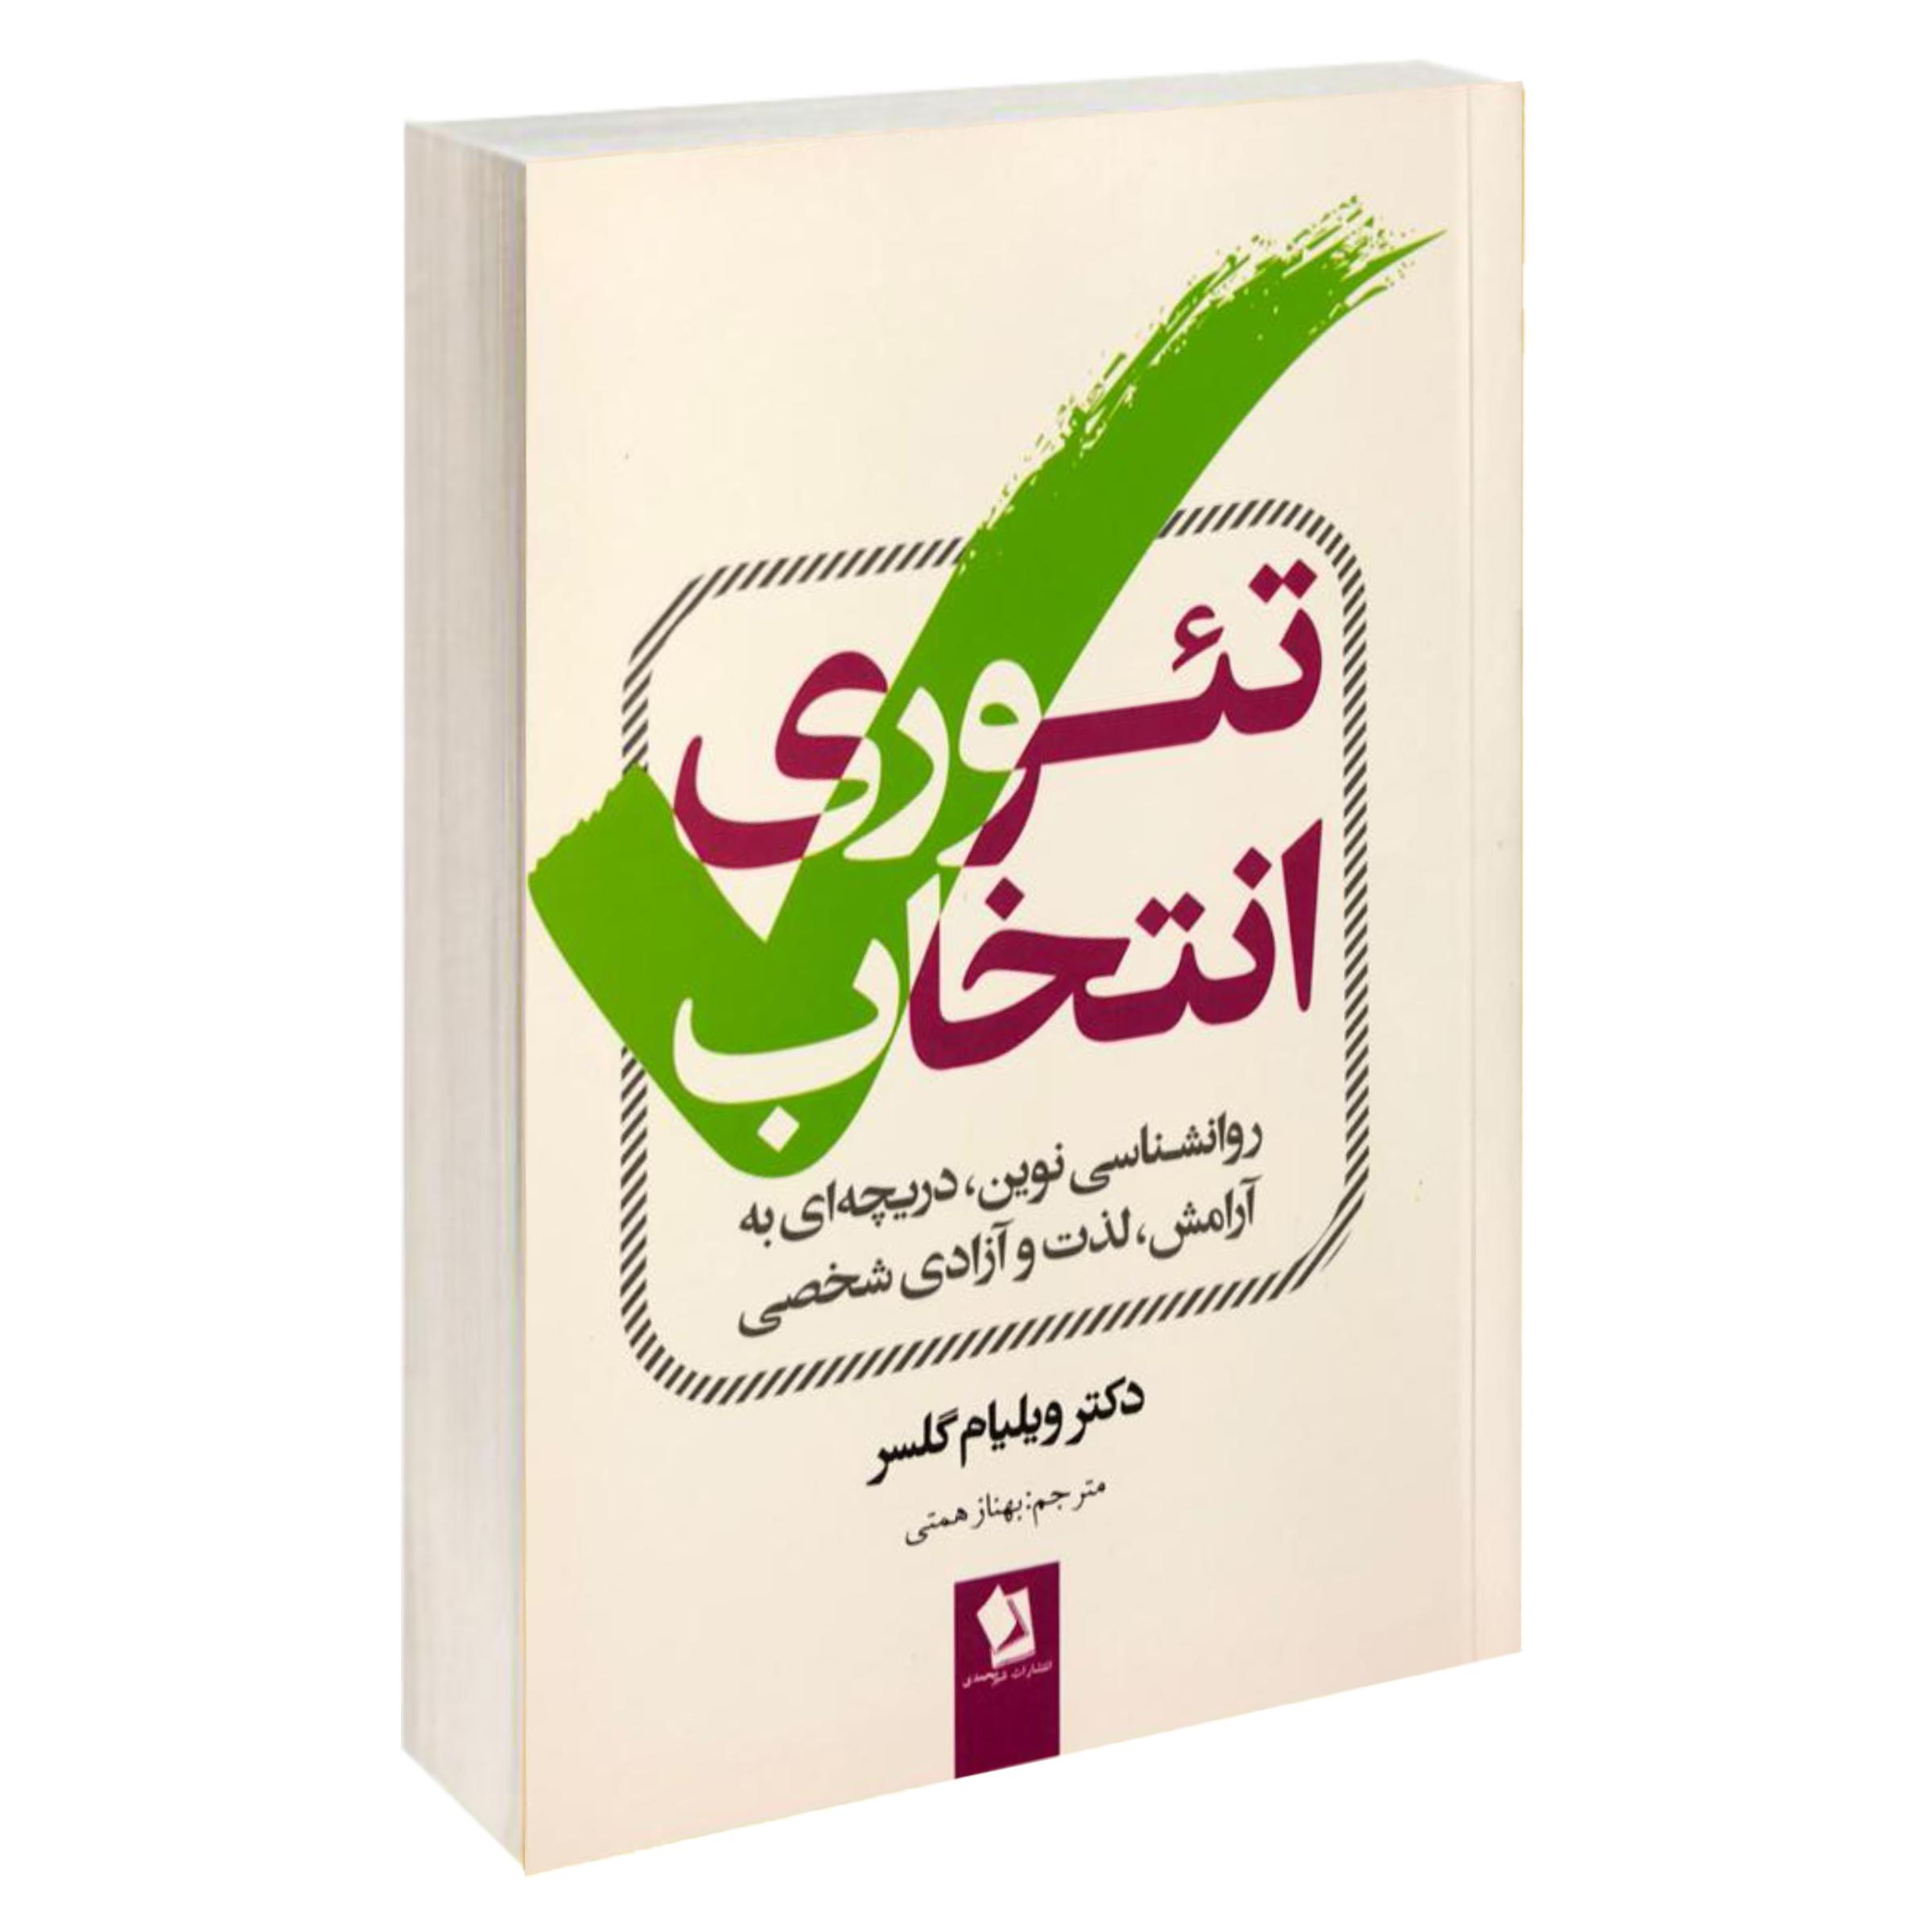 کتاب تئوری انتخاب اثر ویلیام گلسر نشر شیرمحمدی